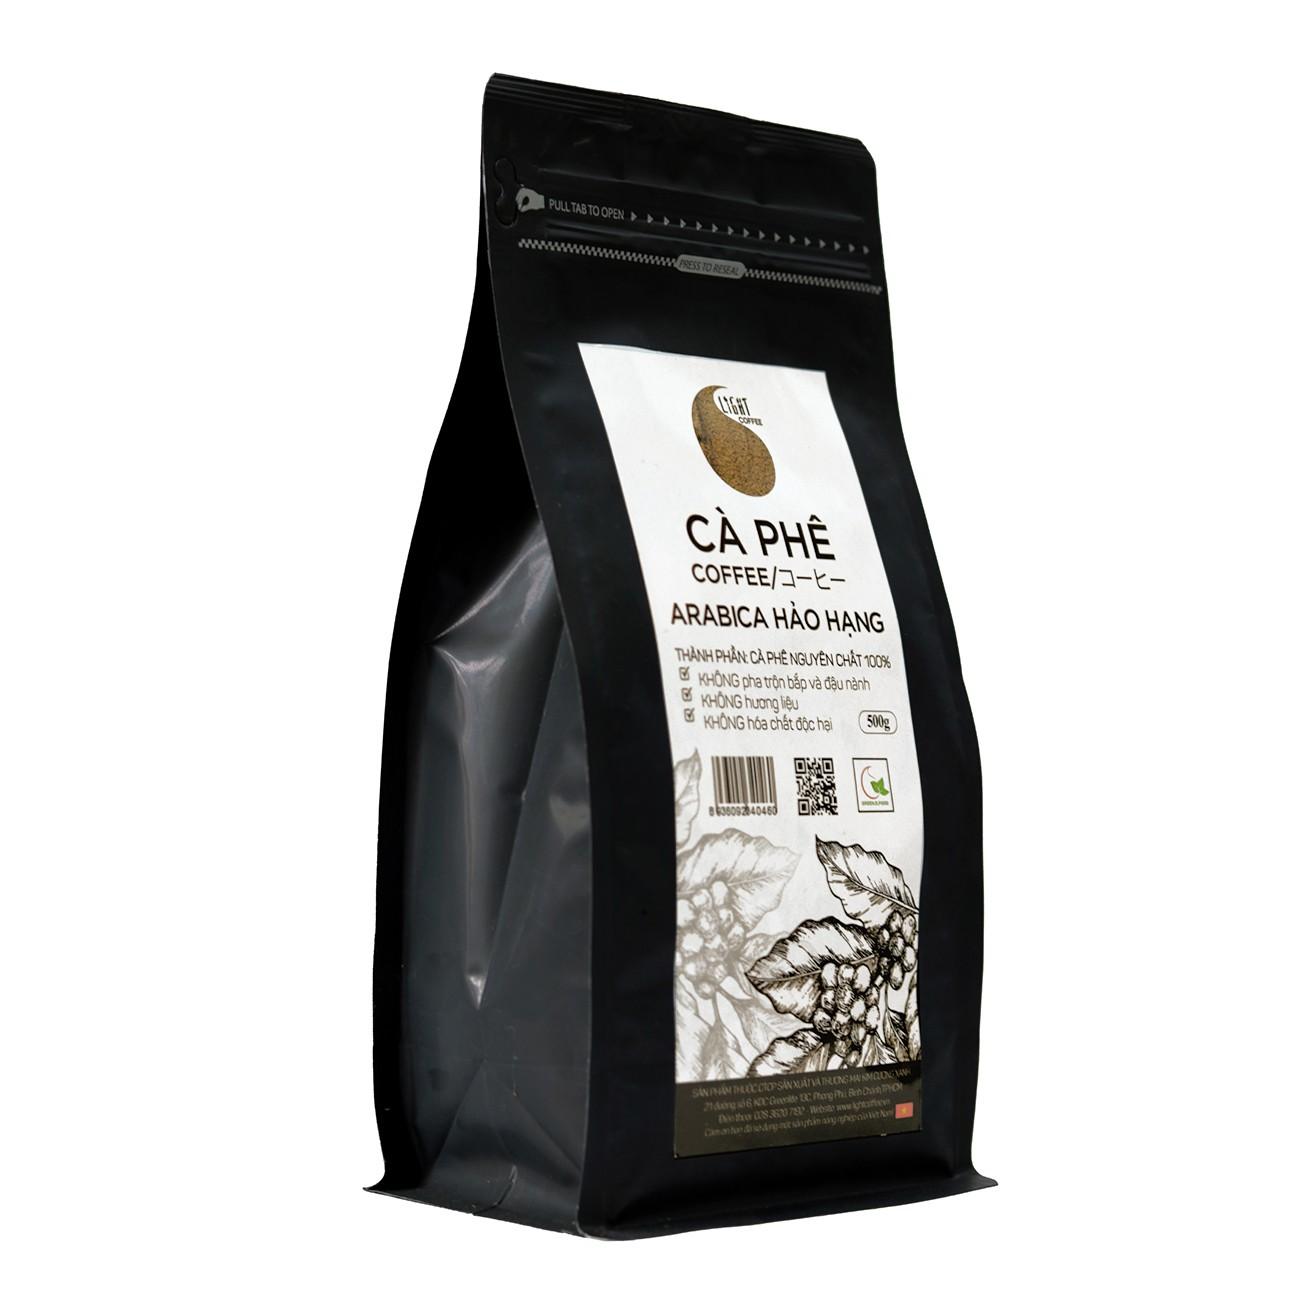 500gr/gói - 1 gói cà phê bột nguyên chất 100% Robusta Hảo Hạng + 1 gói cà phê bột nguyên chất 100% Arabica Hảo Hạng - Light coffee